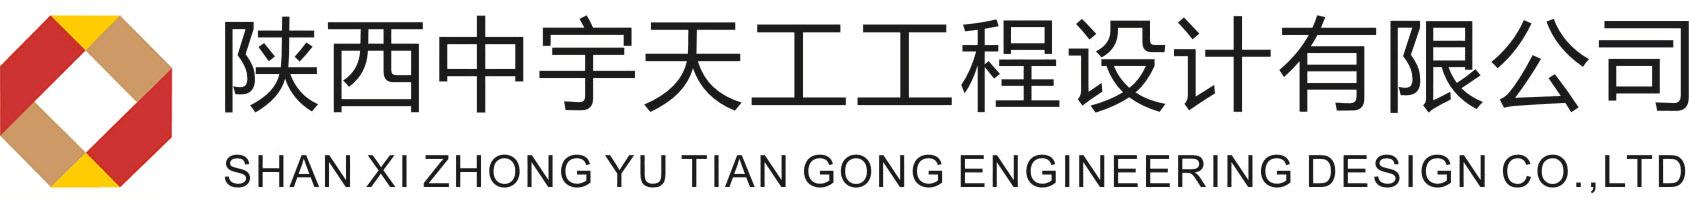 陕西中宇天工工程设计有限公司